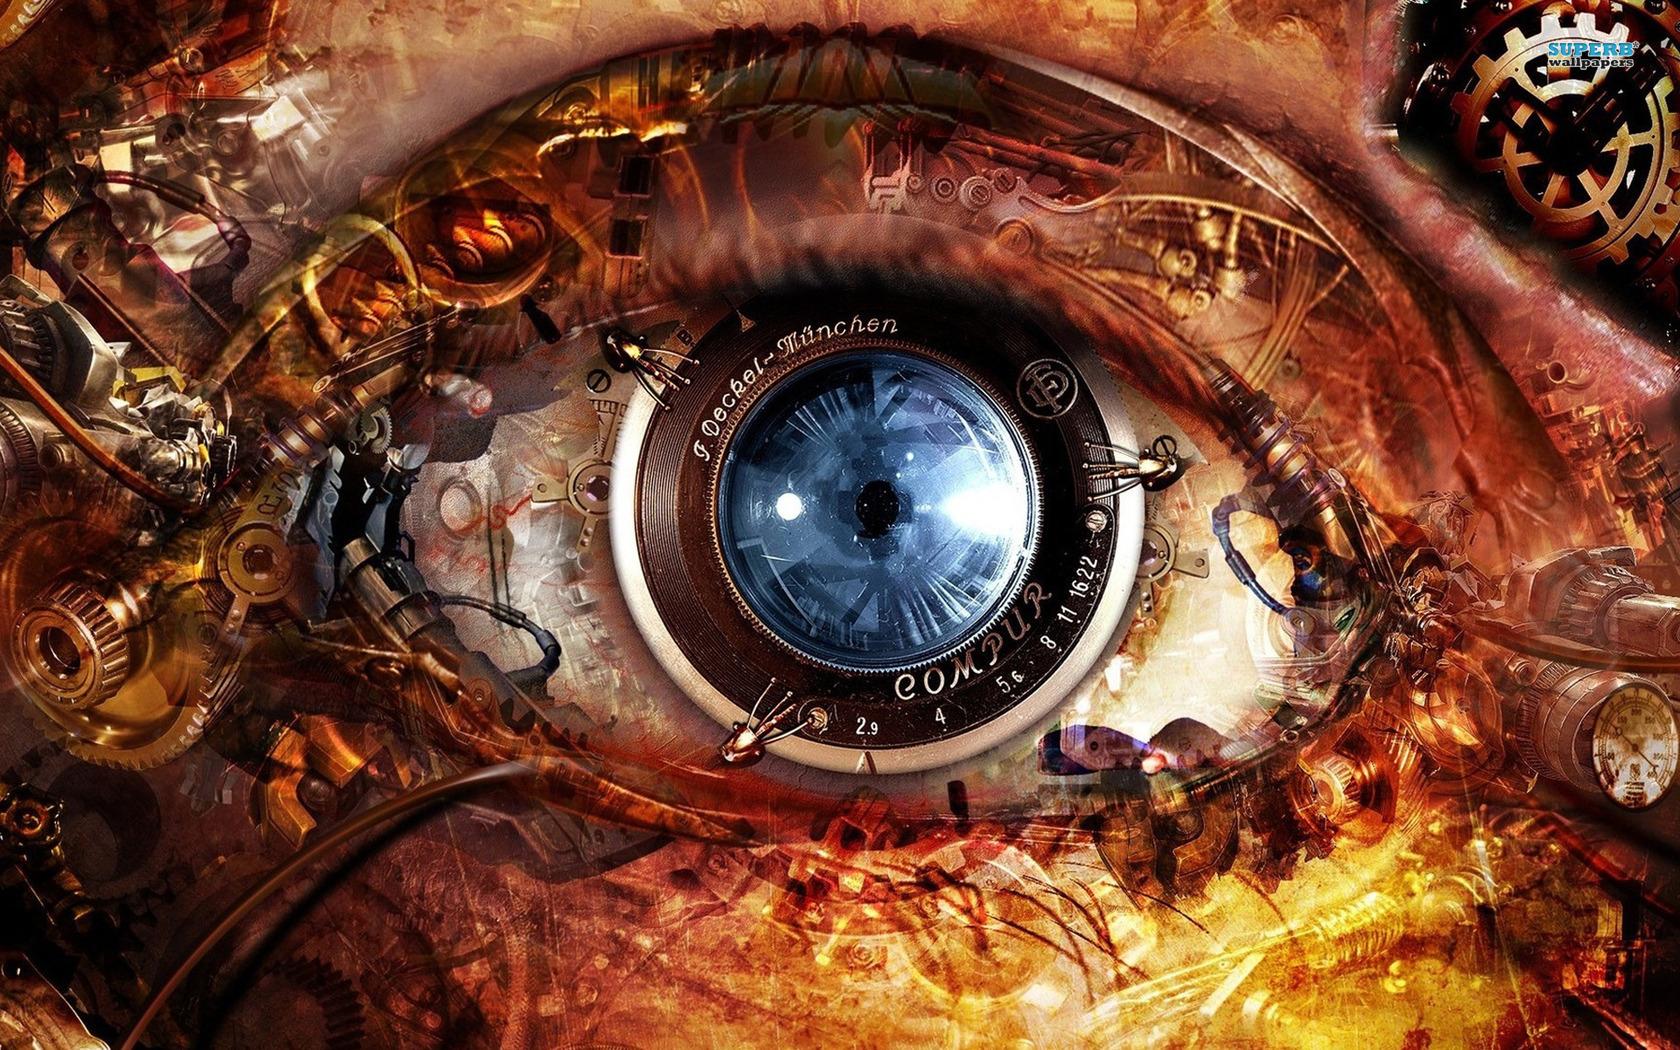 Steampunk Eye wallpaper 1680x1050